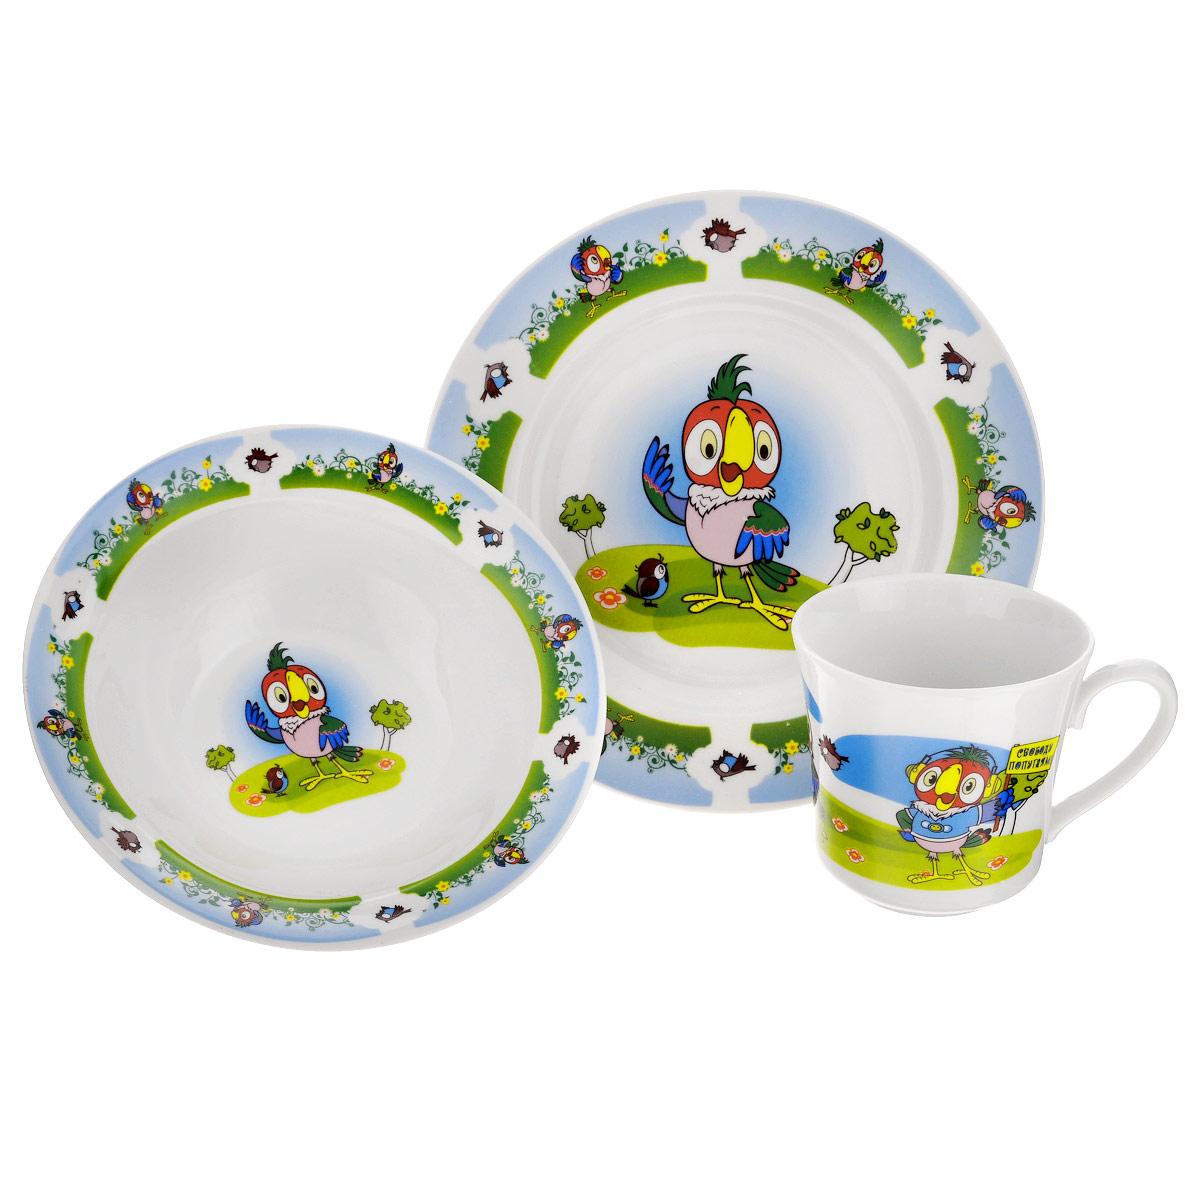 Набор детской фарфоровой посуды Союзмультфильм Попугай Кеша, 3 предметаFS-91909Набор детской посуды Попугай Кеша порадует любого маленького поклонника старых советских мультфильмов. Набор включает в себя тарелку, миску и кружку.Посуда выполнена из качественного фарфора, окрашена безопасными красками, которые не сотрутся и прослужат вам очень долго. Прочные тарелки украшает изображение любимых героев мультфильма Попугай Кеша. Приборы нельзя использовать в духовке и на открытом огне. Посуда может быть использована в микроволновке и посудомоечной машине.Объем кружки 250 мл, объем миски 300 мл.Детская посуда разработана специально для малышей, она удобная и безопасна. Привычная еда станет вкуснее и приятнее, если процесс кормления сопровождать игрой и сказками о любимых героях. Красочная посуда - залог хорошего настроения и аппетита вашего малыша!